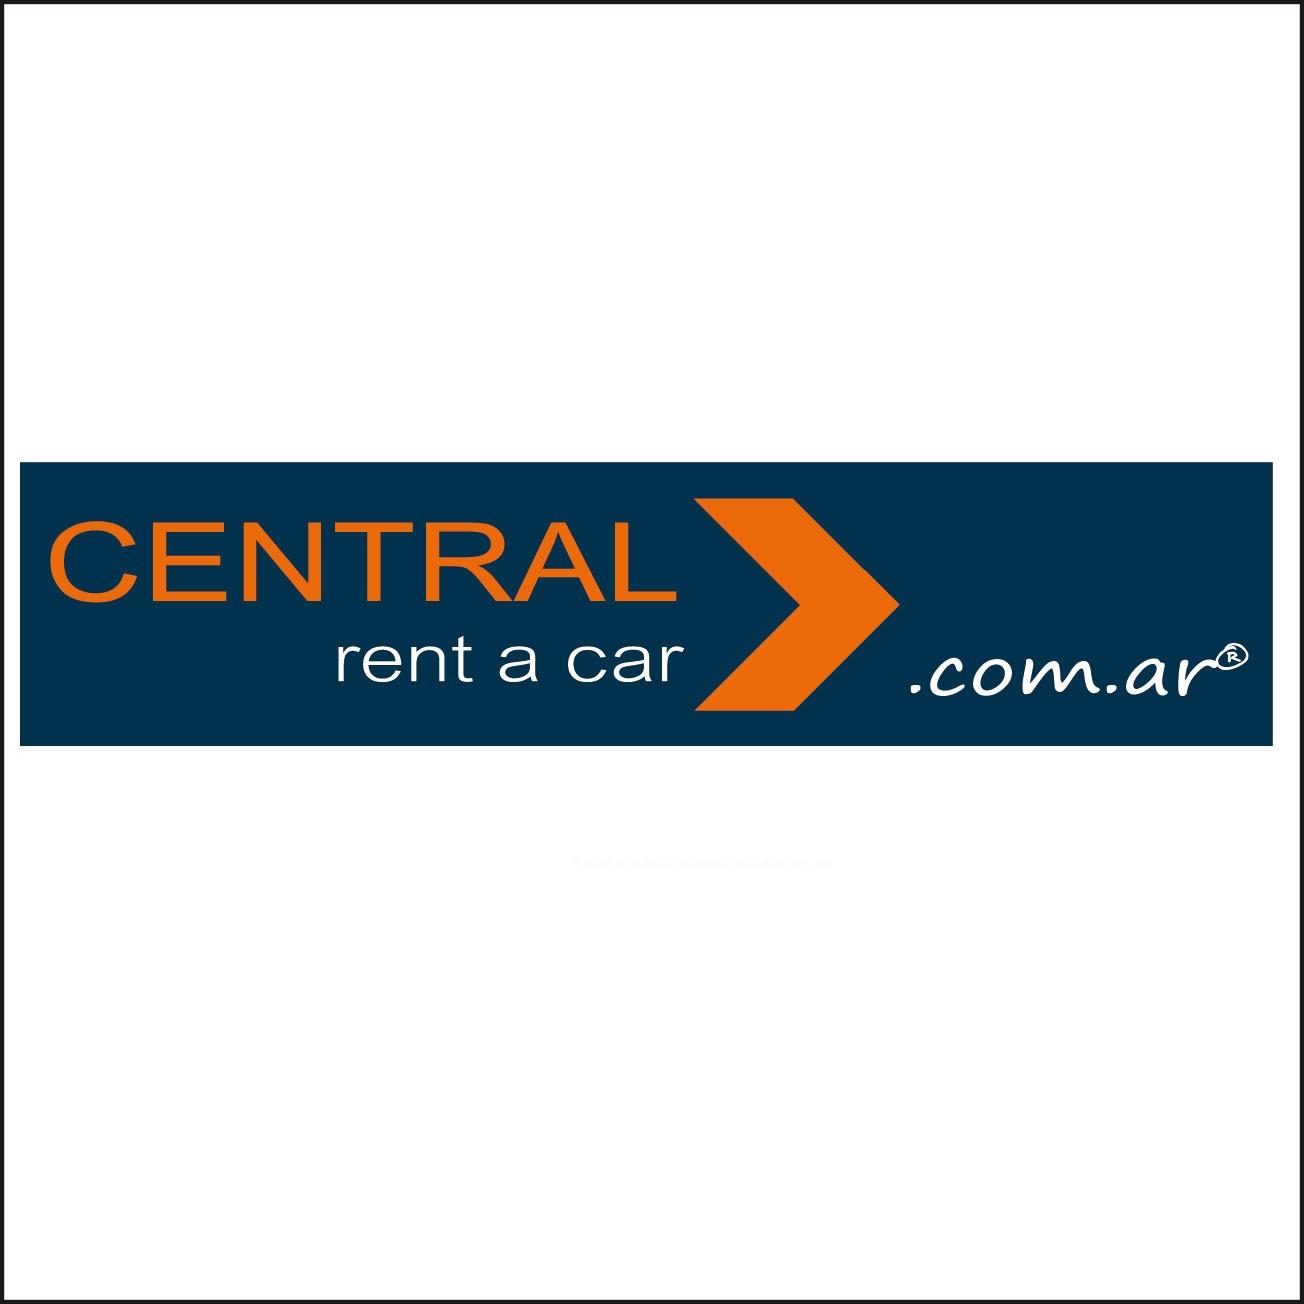 Automoviles: Central rent a car alquiler de autos en buenos aires argentina